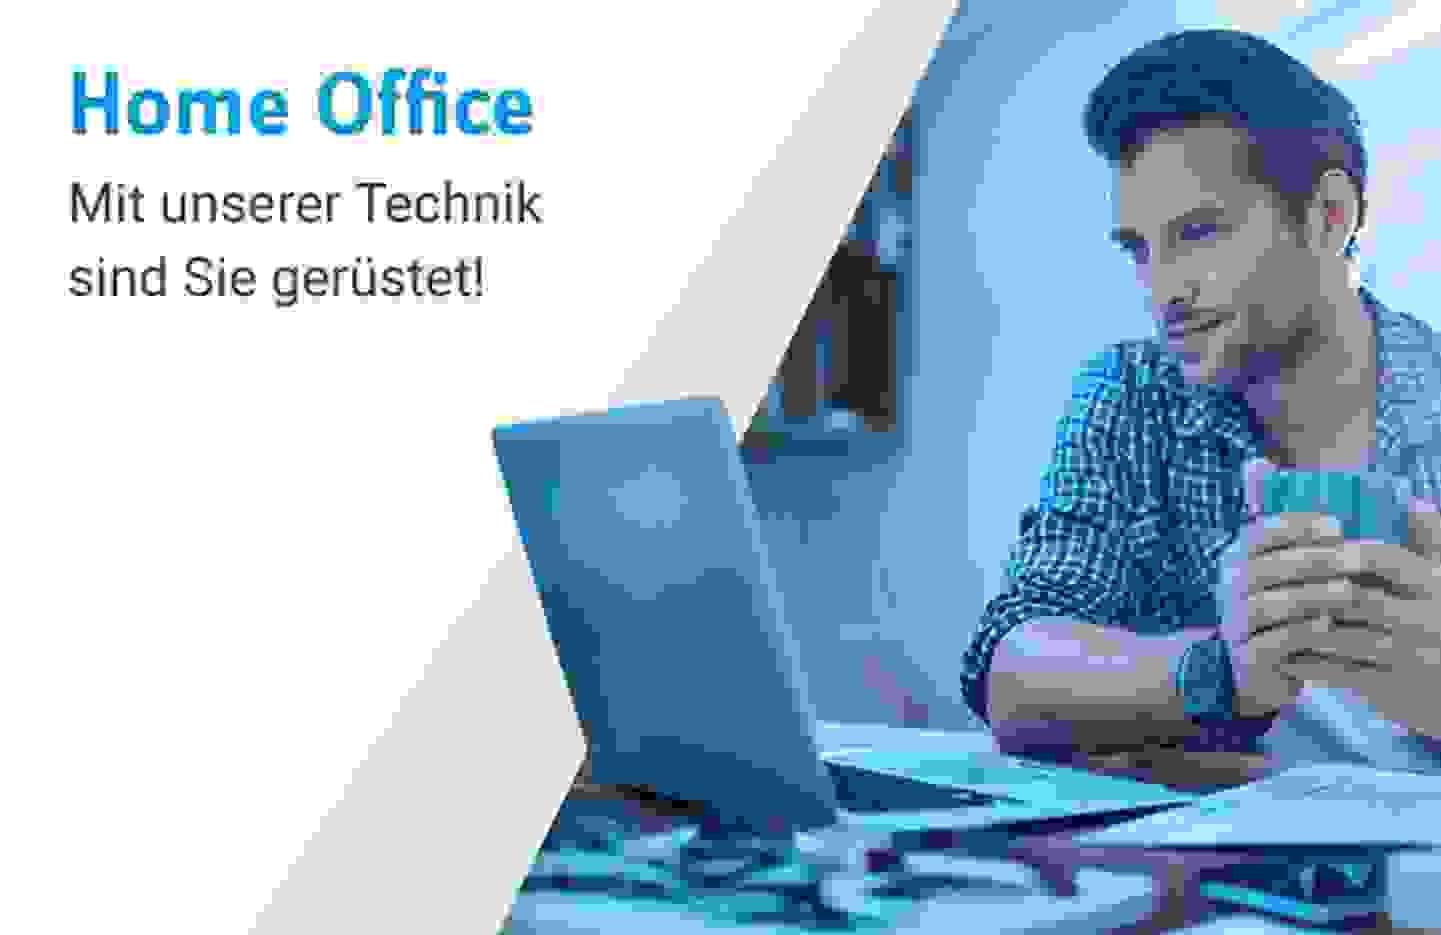 Home Office – Jetzt entdecken und profitieren »